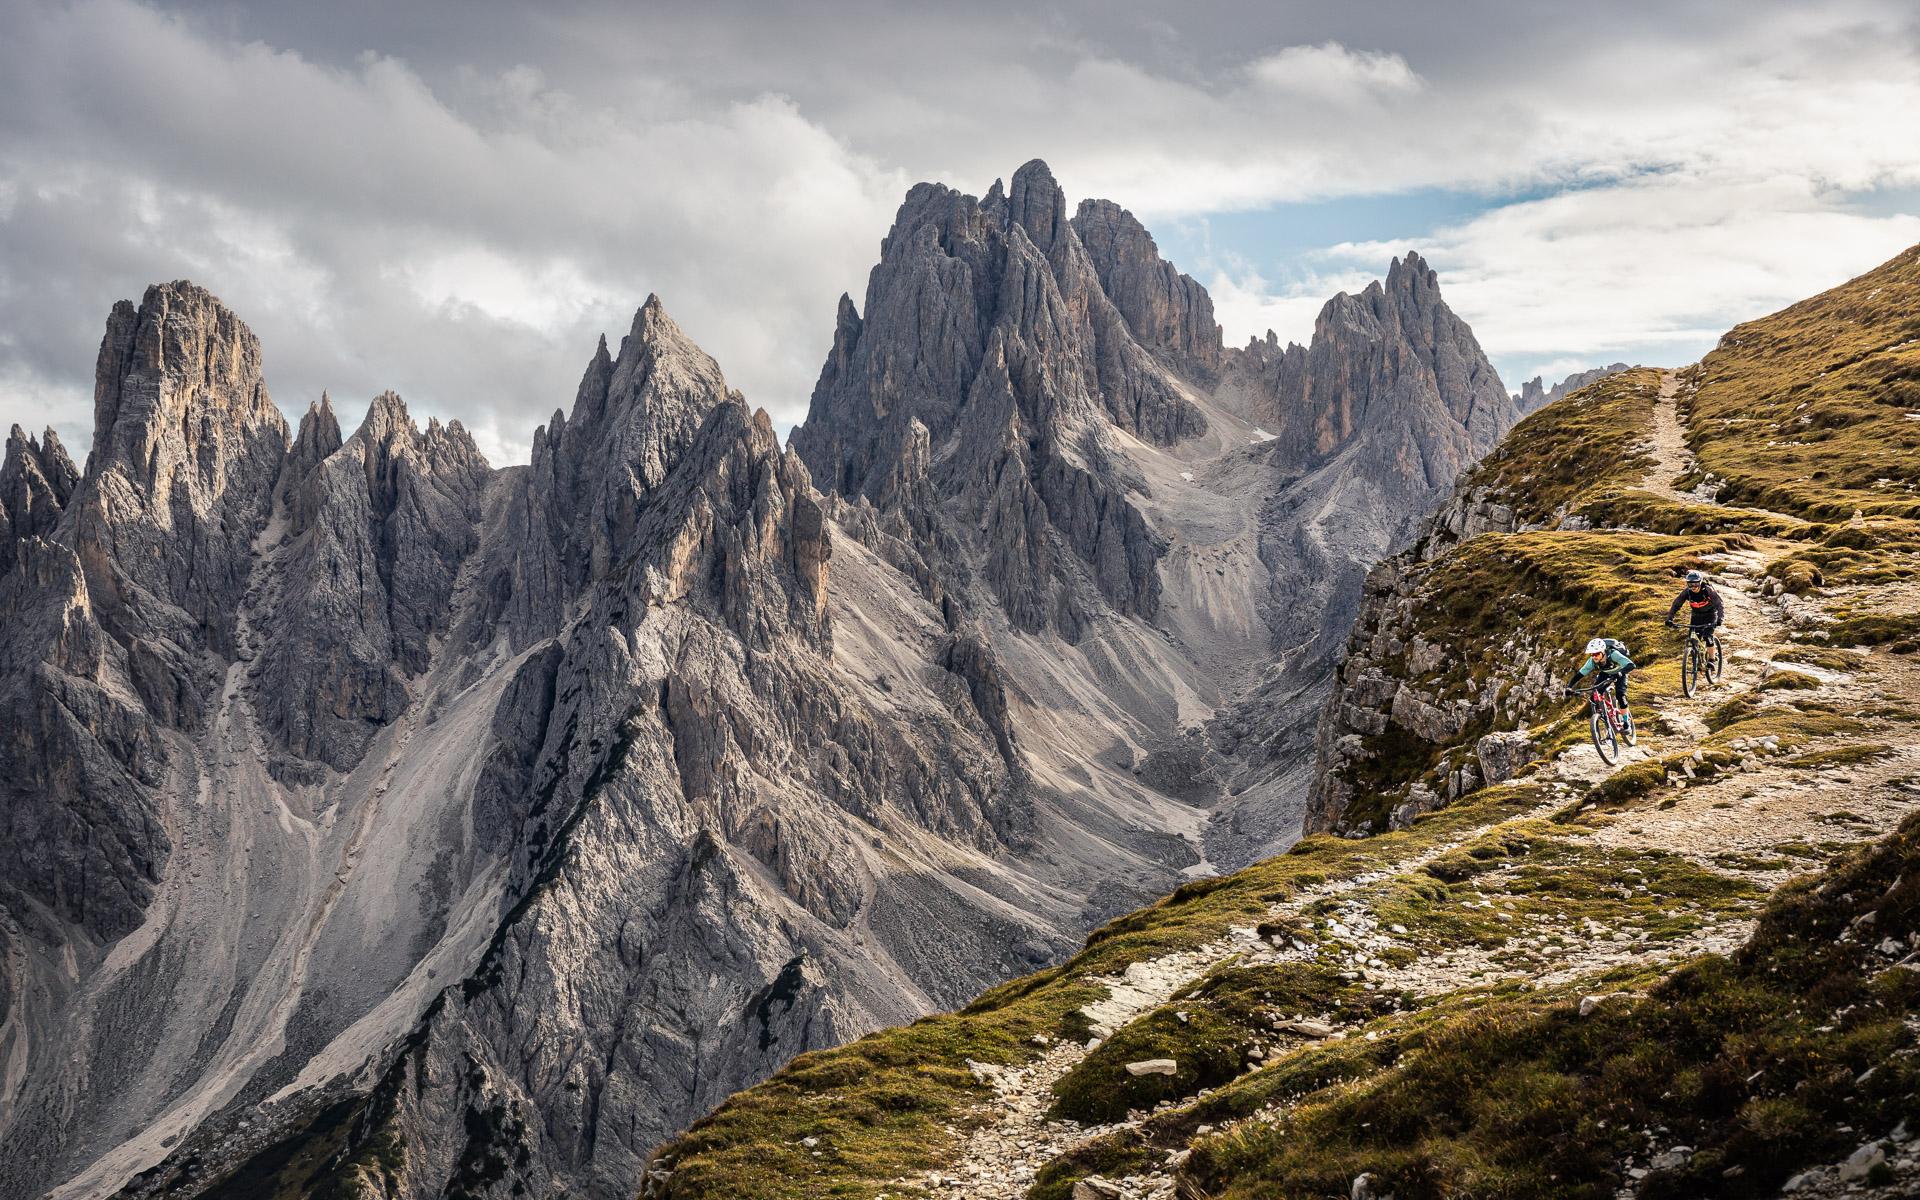 720-Protections-Cadini-di-Misurina-Dolomites-2019-_W5A3773